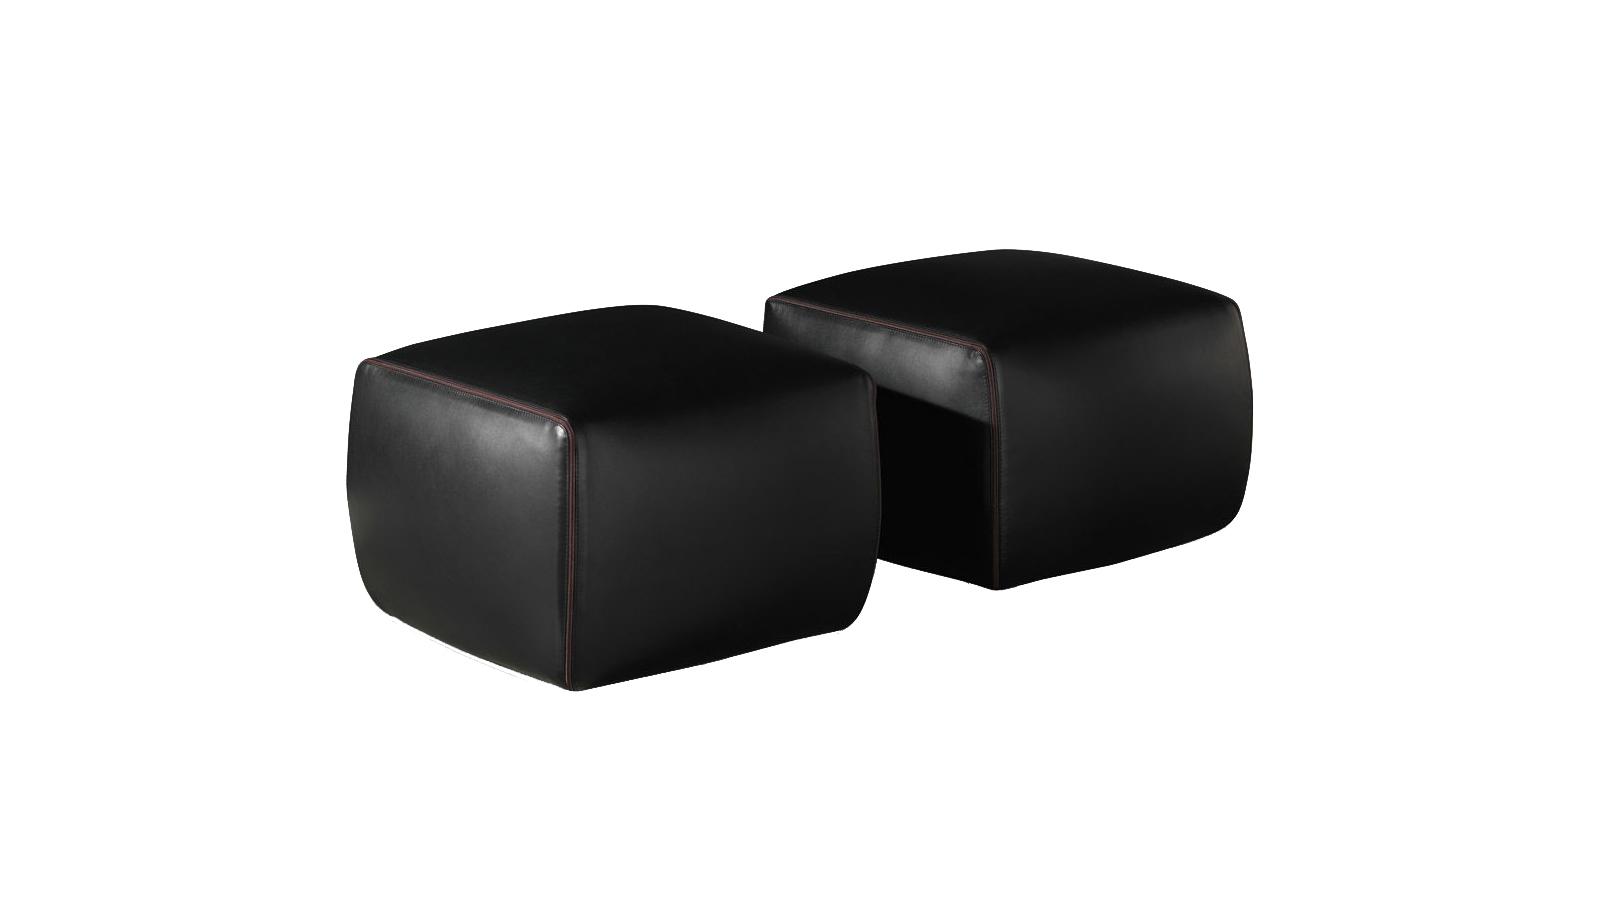 A Minotti Botero puffja elegáns egyszerűségének köszönhetően sokoldalú és flexibilis bútor: nem korlátozódik egyetlen térre a használata, szinte bármely funkciójú belső tér magába fogadja, legyen az nappali, hálószoba vagy konyha. Használható asztalként vagy ülőalkalmatosságként is - egy biztos, sokoldalú alkalmazhatóságának köszönhetően nehéz vele mellélőni.